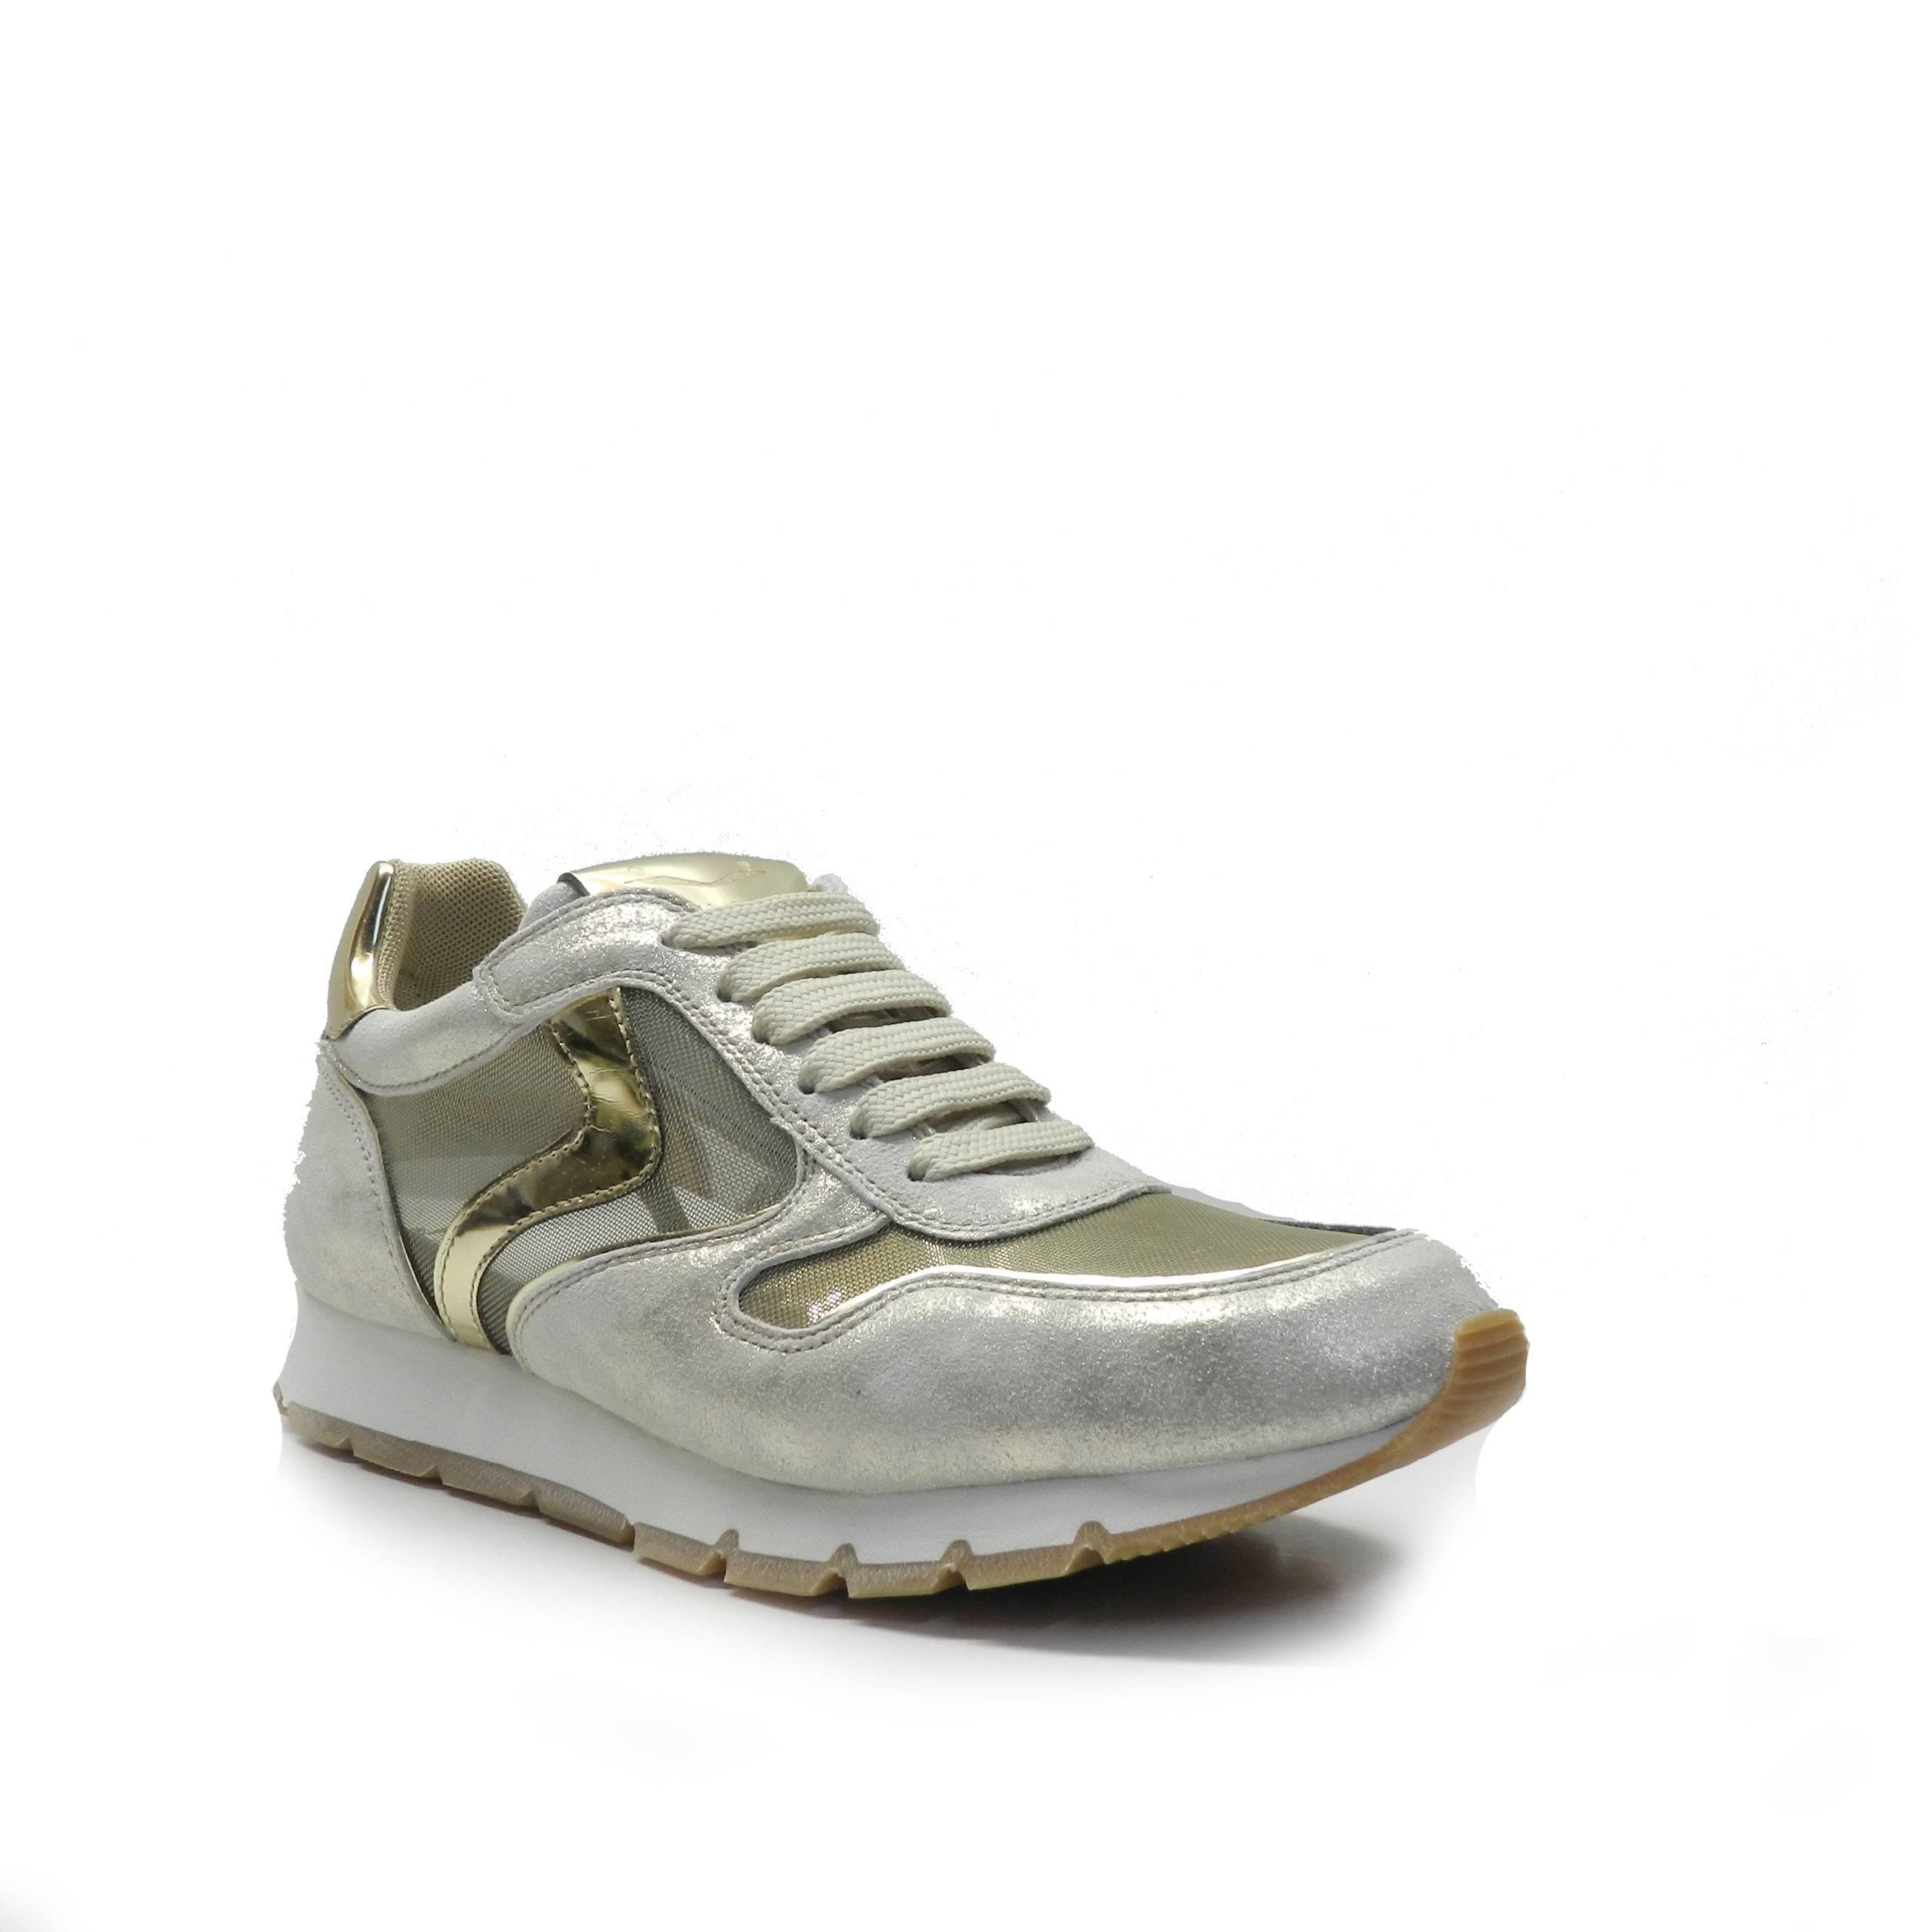 sneakers de cordones en napa combinada con plata, dorados y rejilla, marca Voile Blanche.